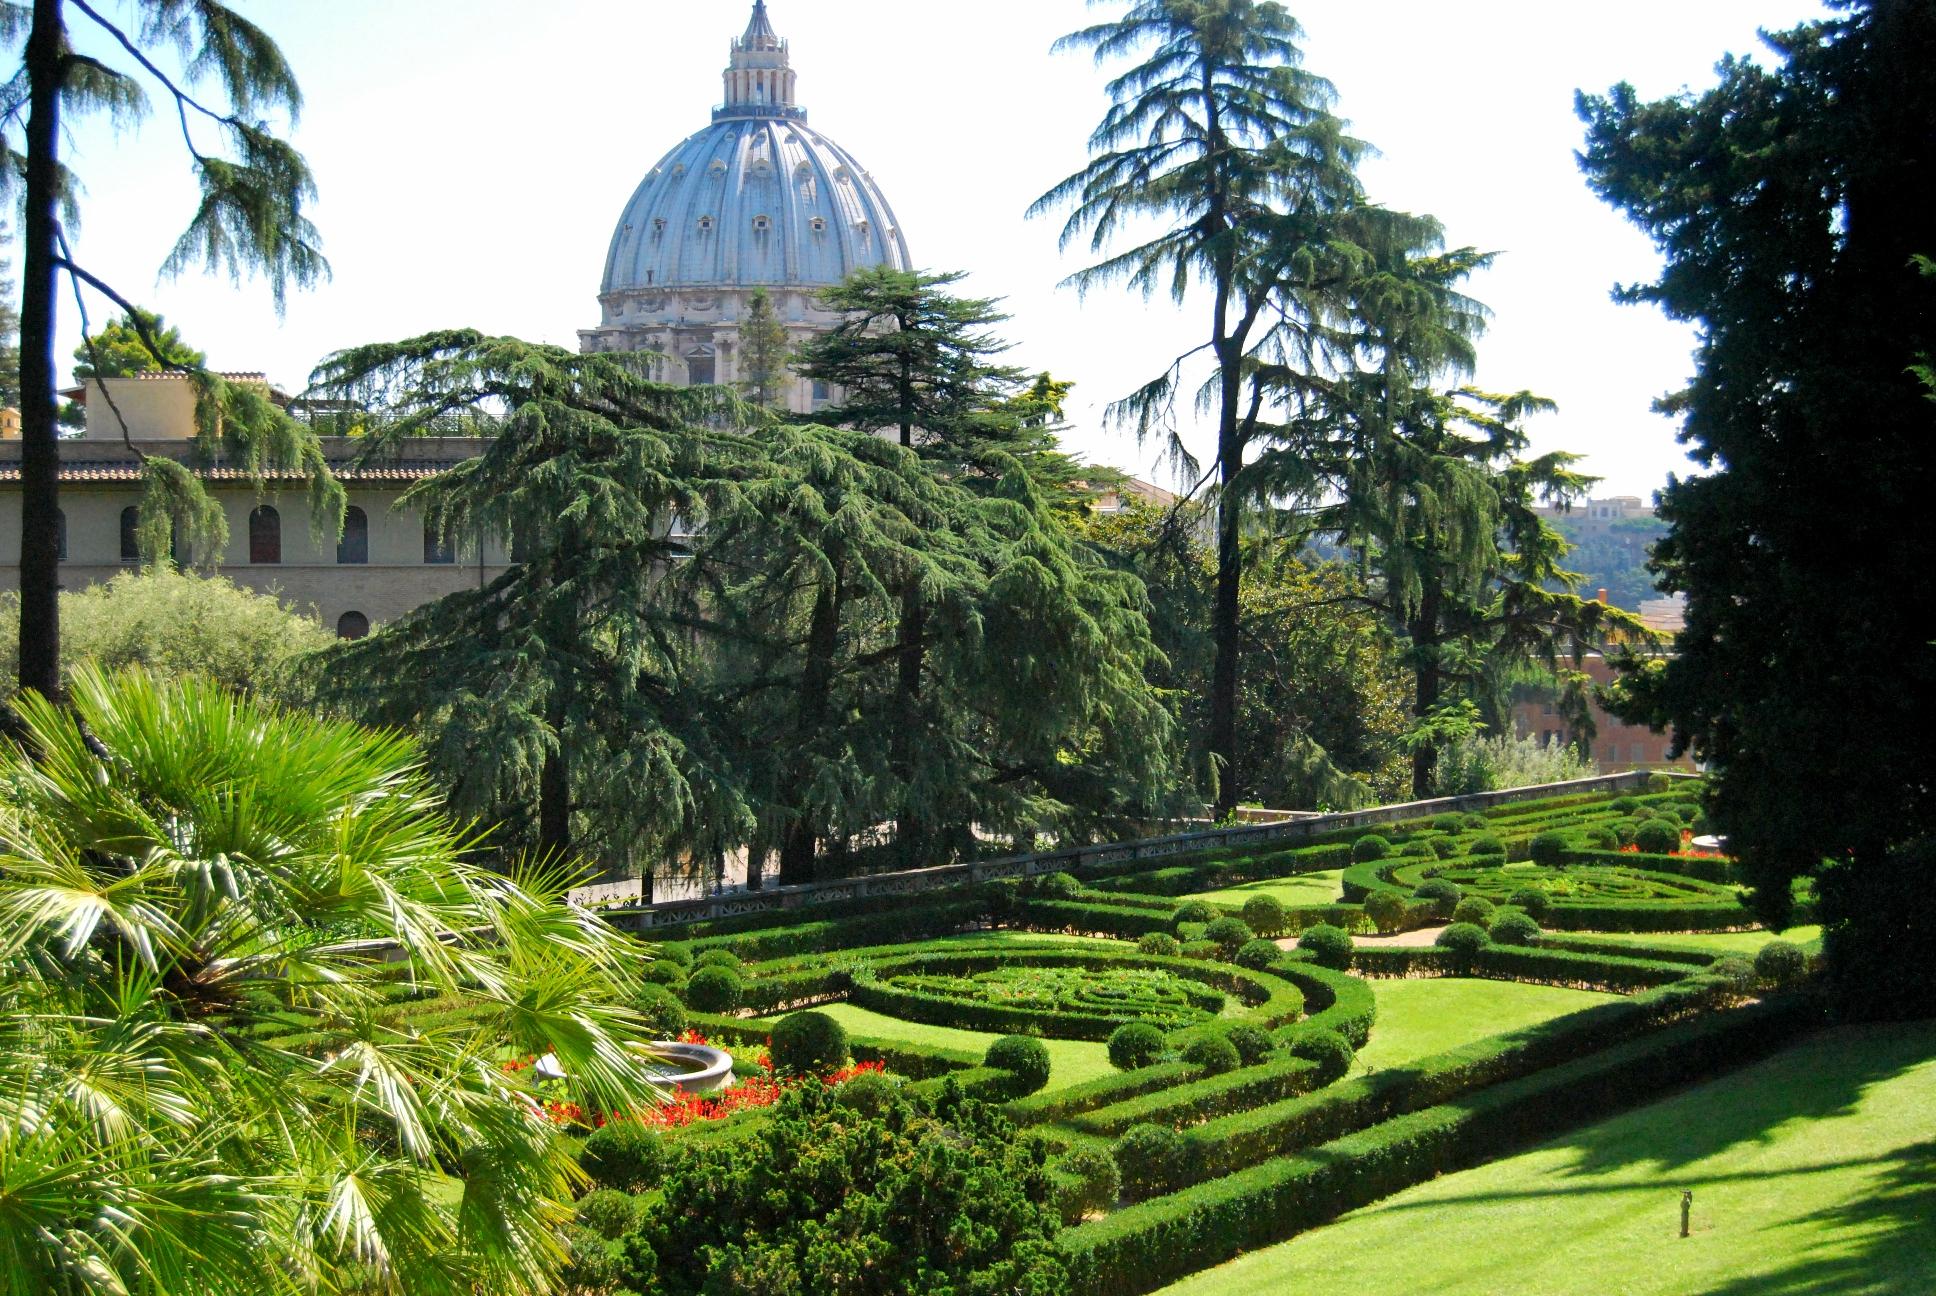 Сады, парки, виллы и дворцы Италии